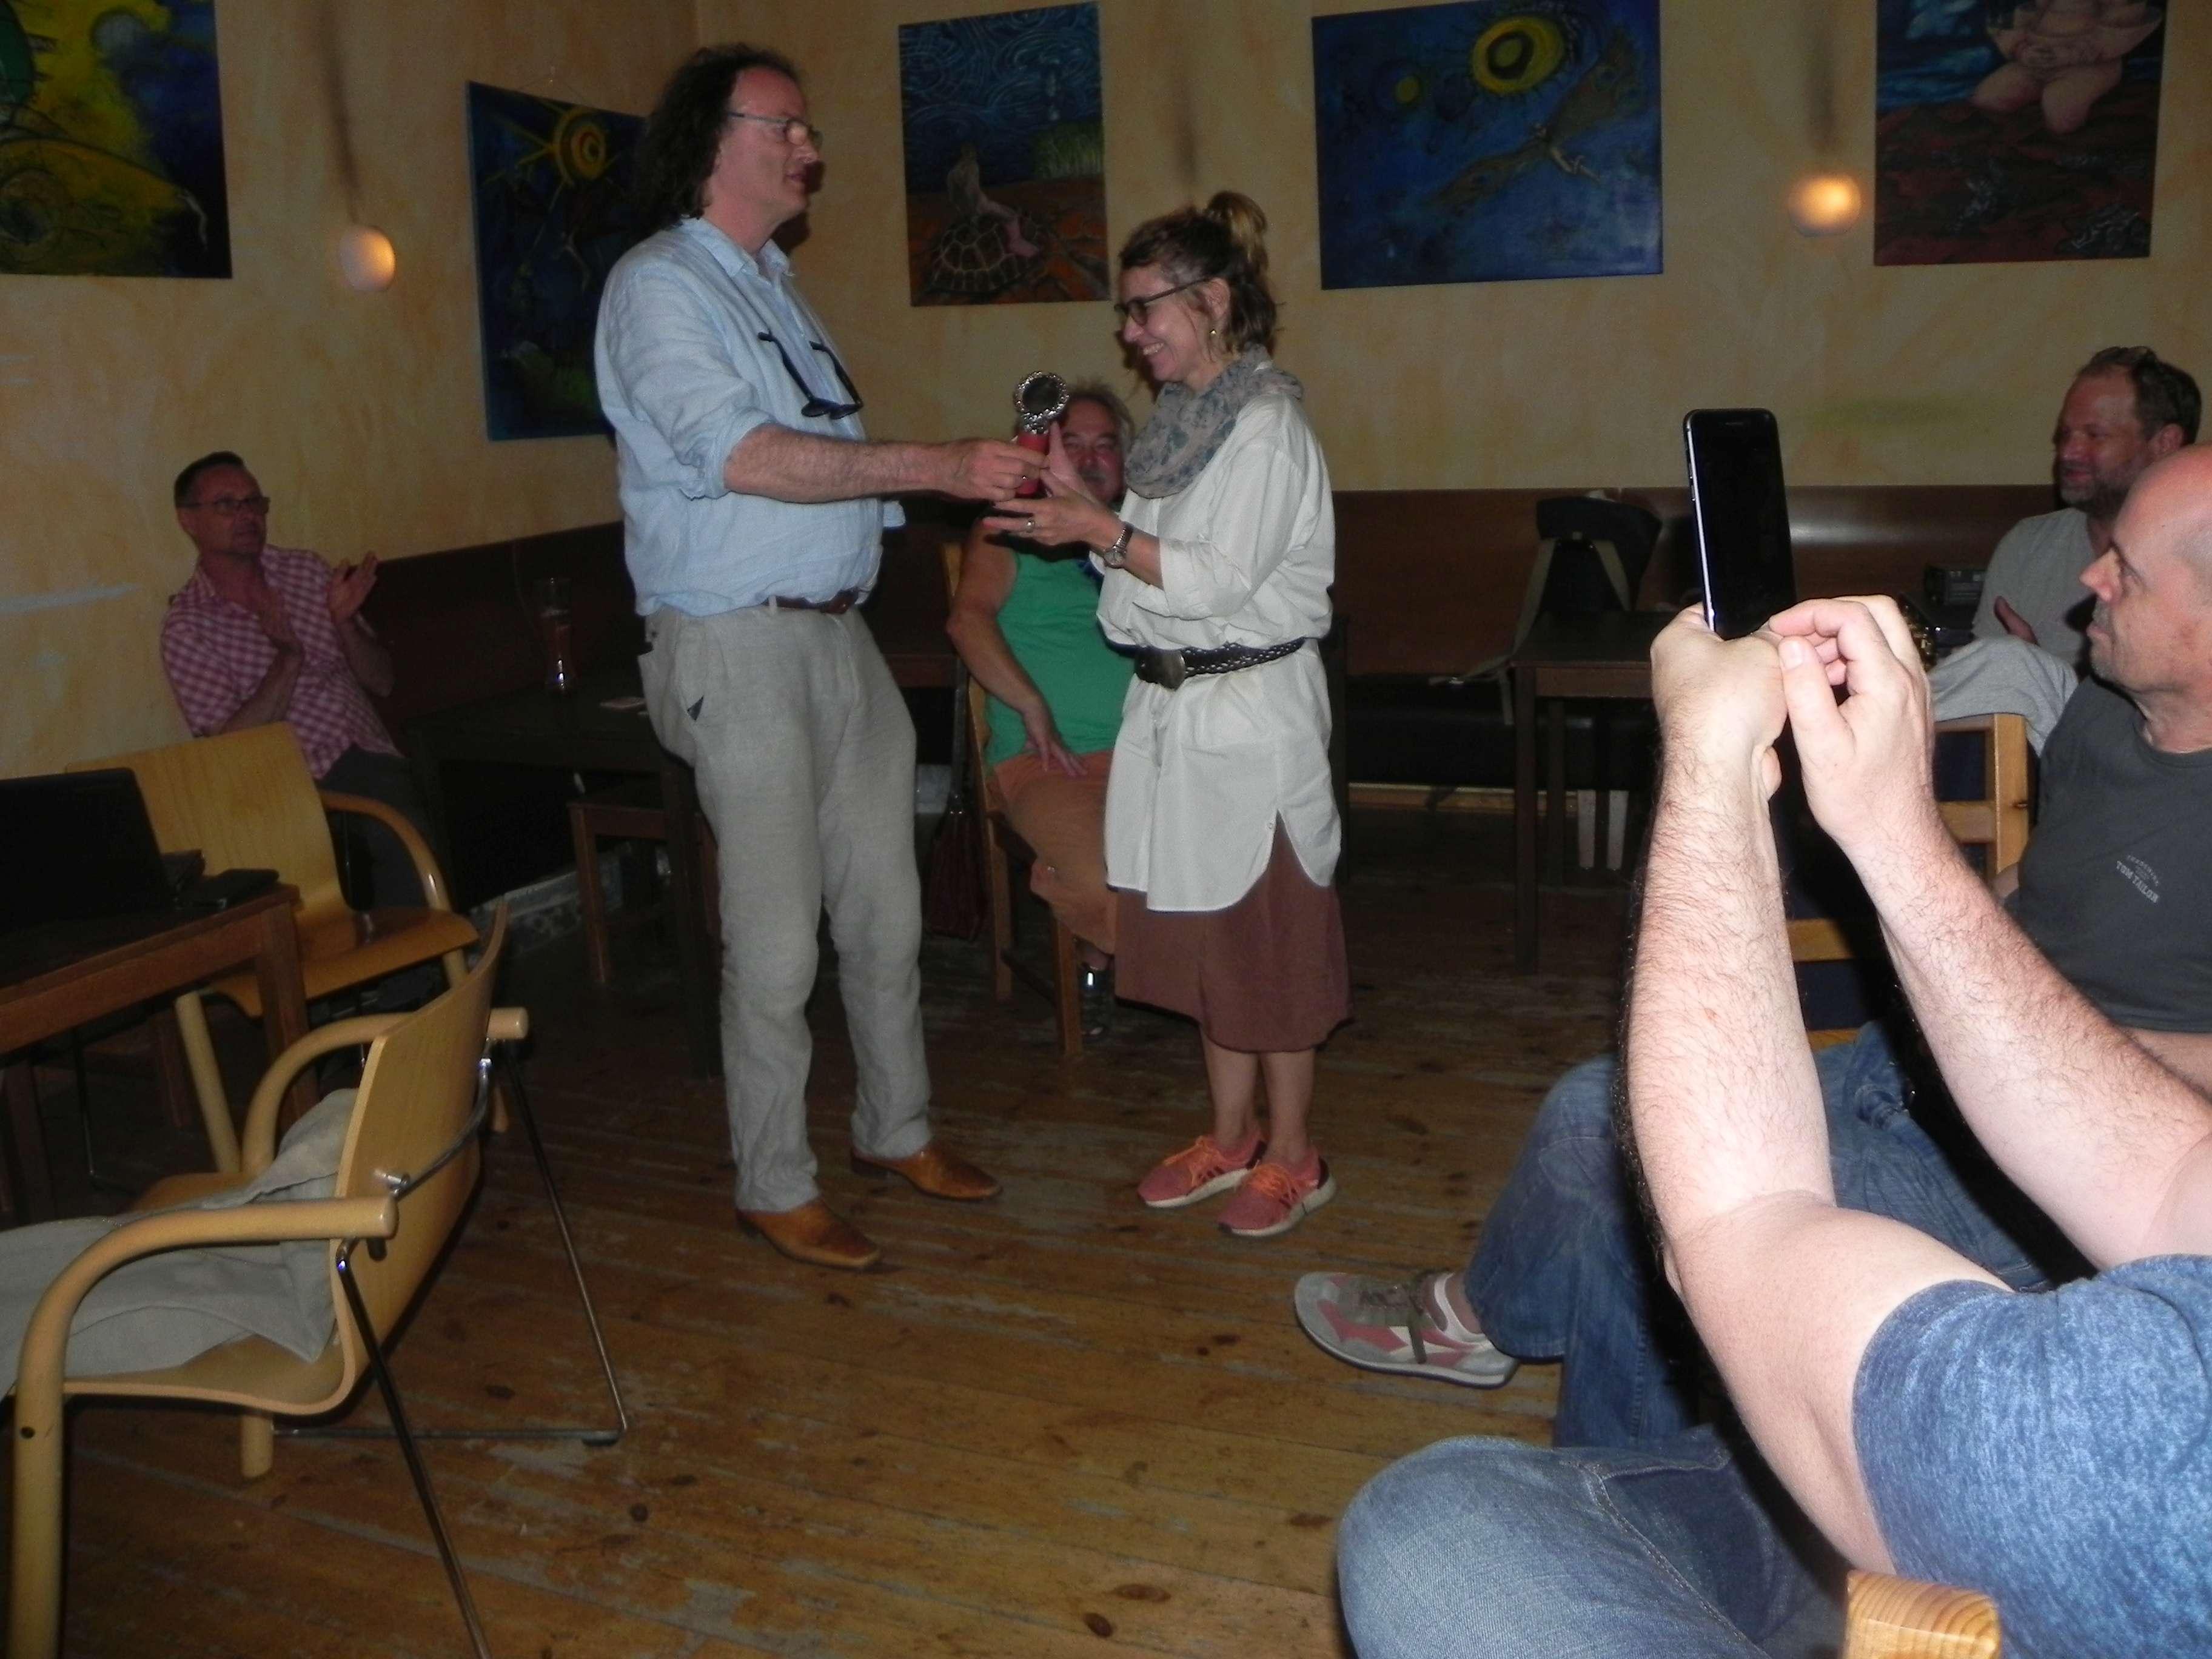 Erster Pokal für Sabine Brinkmann, Finalistin der Second Chance